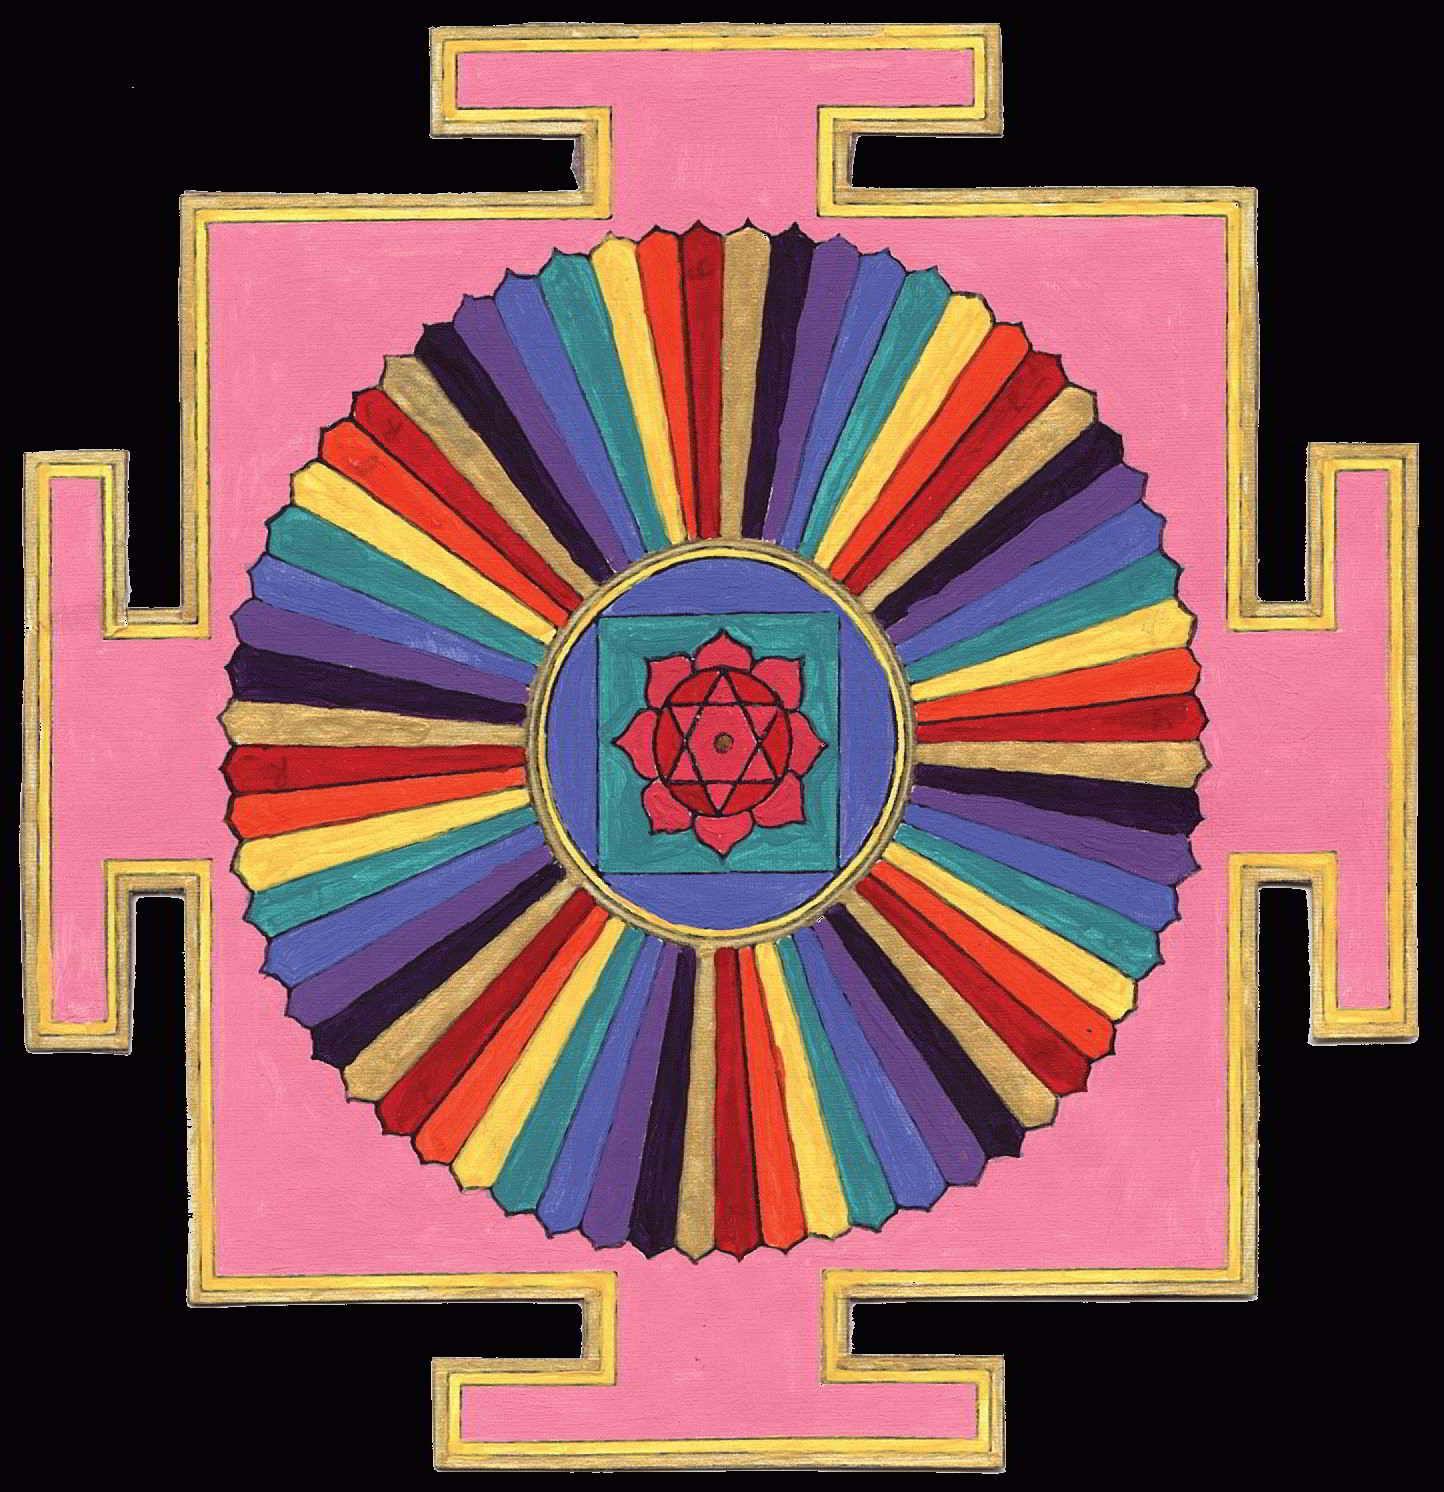 Тантрическая символика цвета — как это влияет